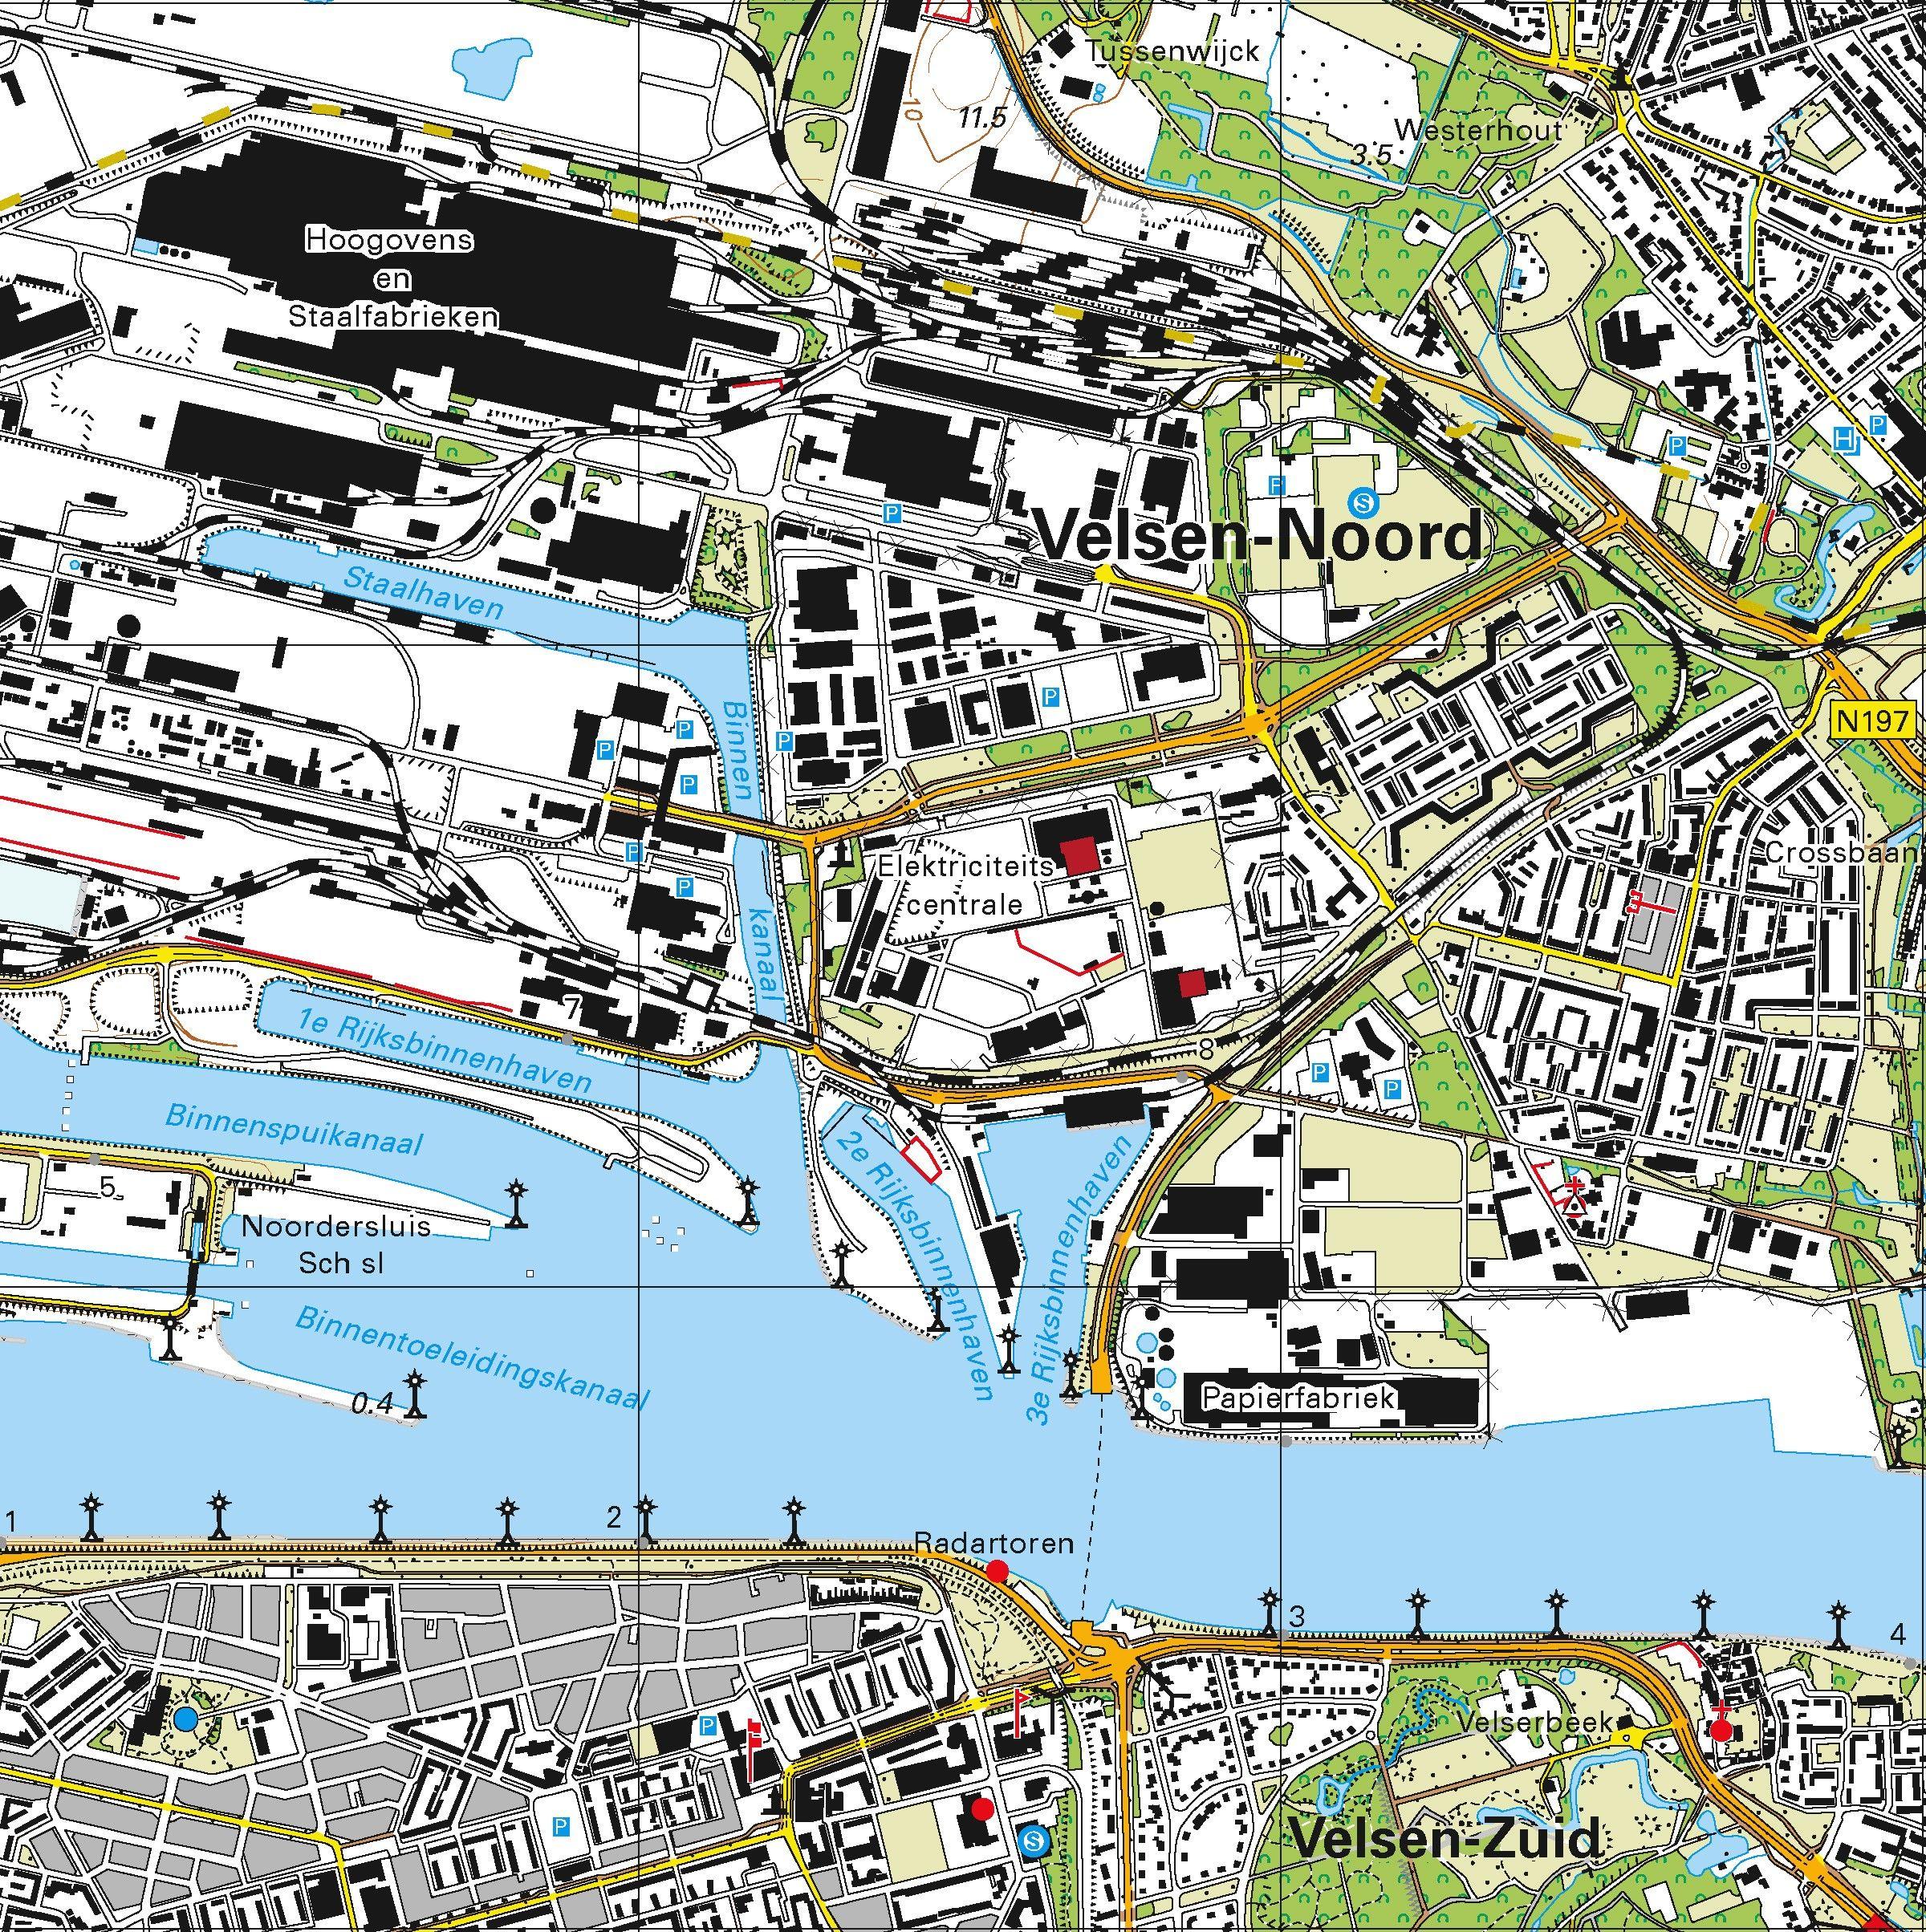 Topografische kaart schaal 1:25.000 (Haarlem, Heemskerk, IJmuiden, Velsen, Castricum)